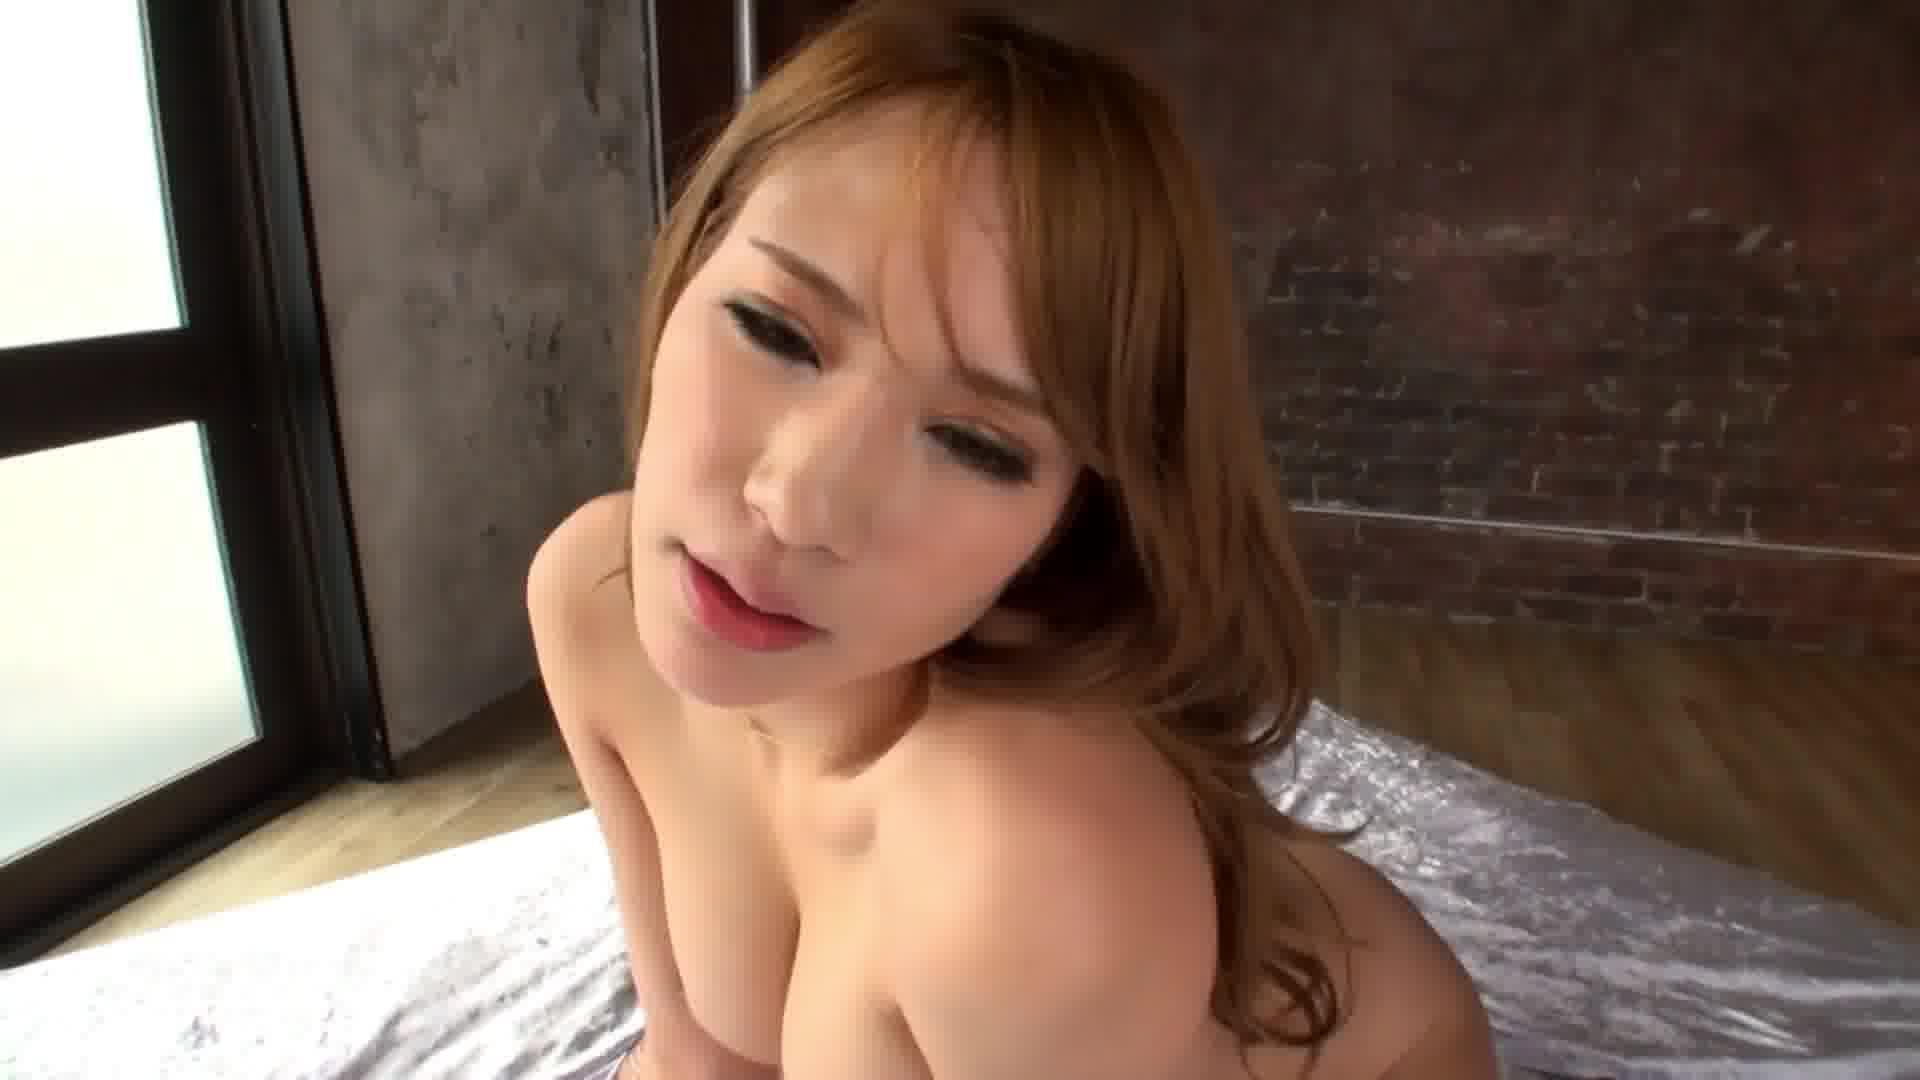 パーフェクトボディ 10 - 愛乃なみ【痴女・巨乳・中出し】